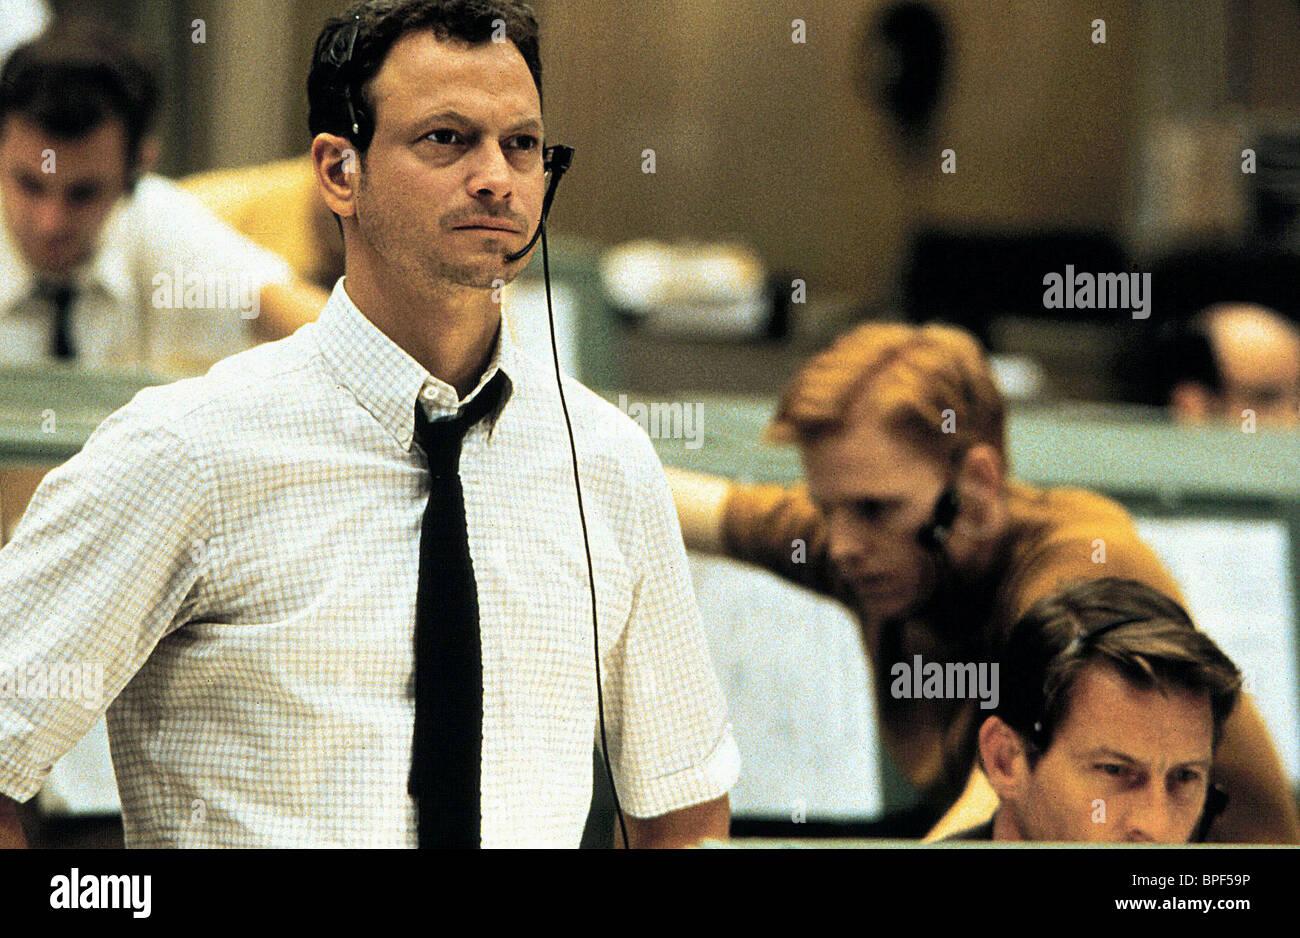 GARY SENISE APOLLO 13 (1995) - Stock Image